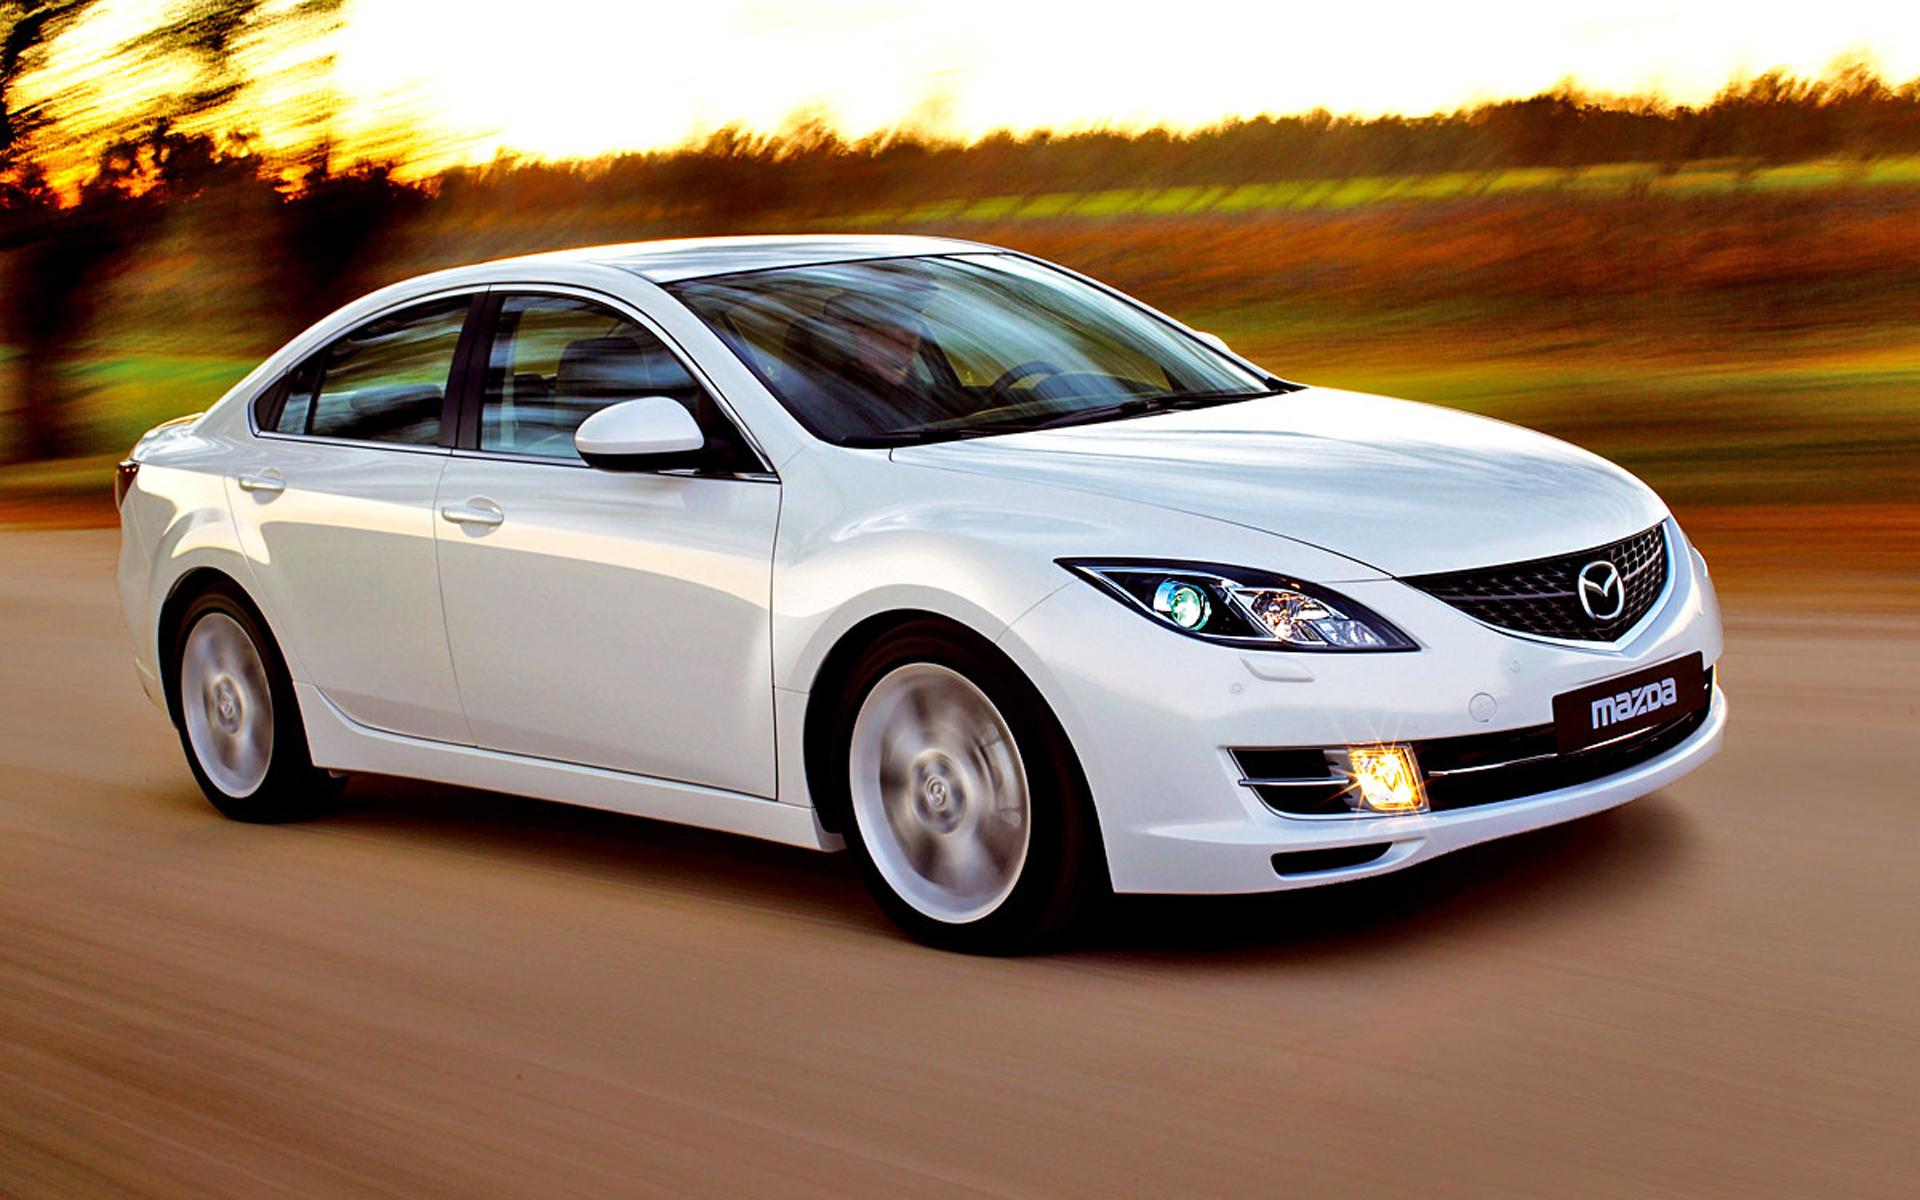 25596 скачать обои Транспорт, Машины, Мазда (Mazda) - заставки и картинки бесплатно